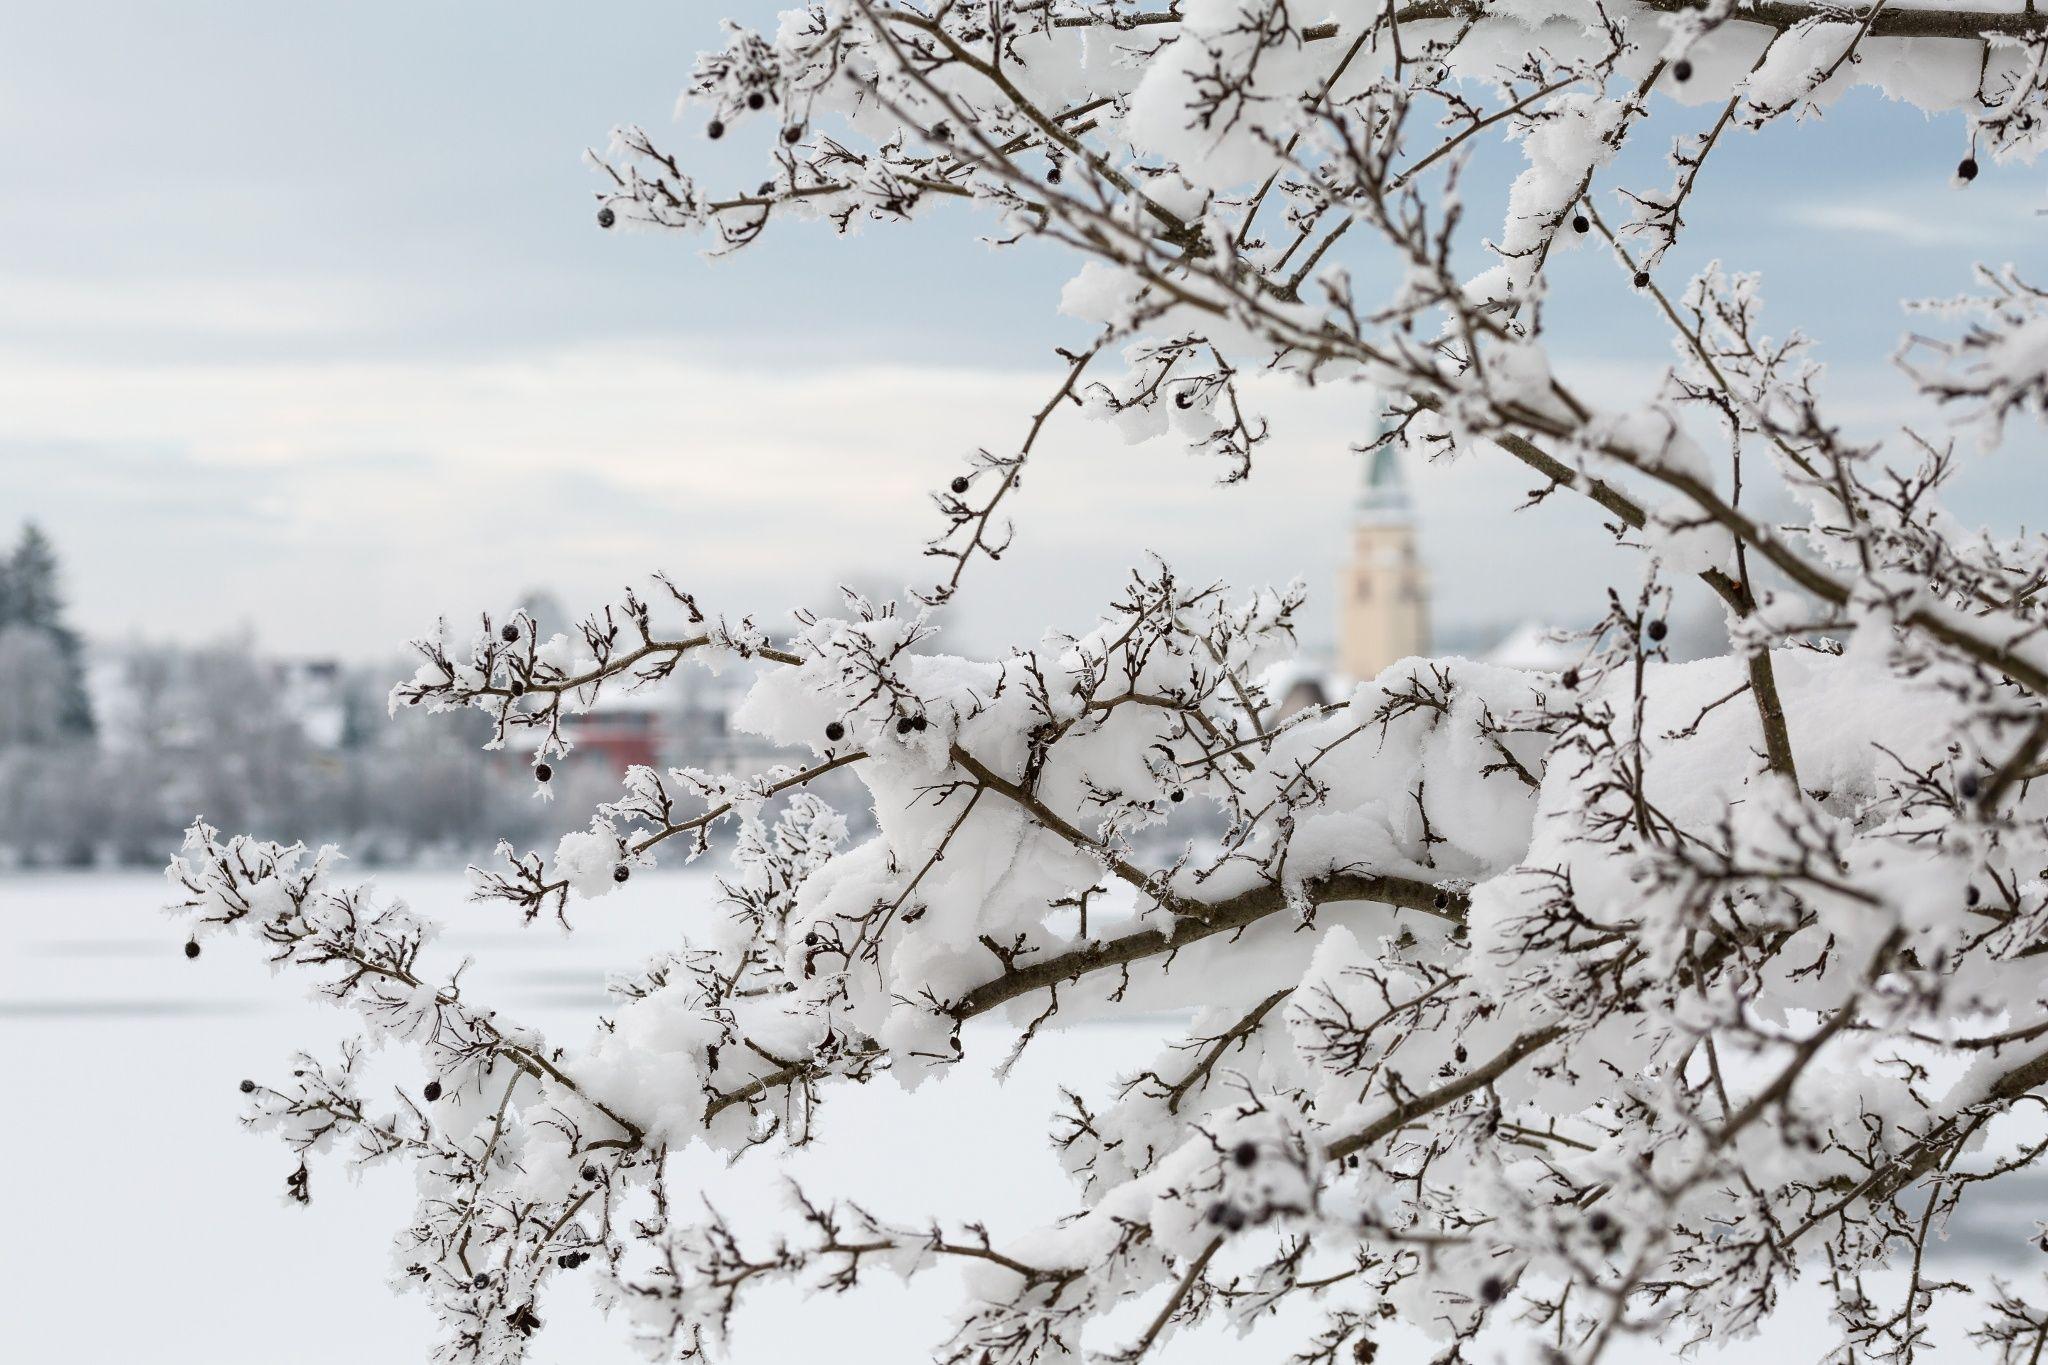 Winter in Hüfingen by Ralf Bitzer on 500px